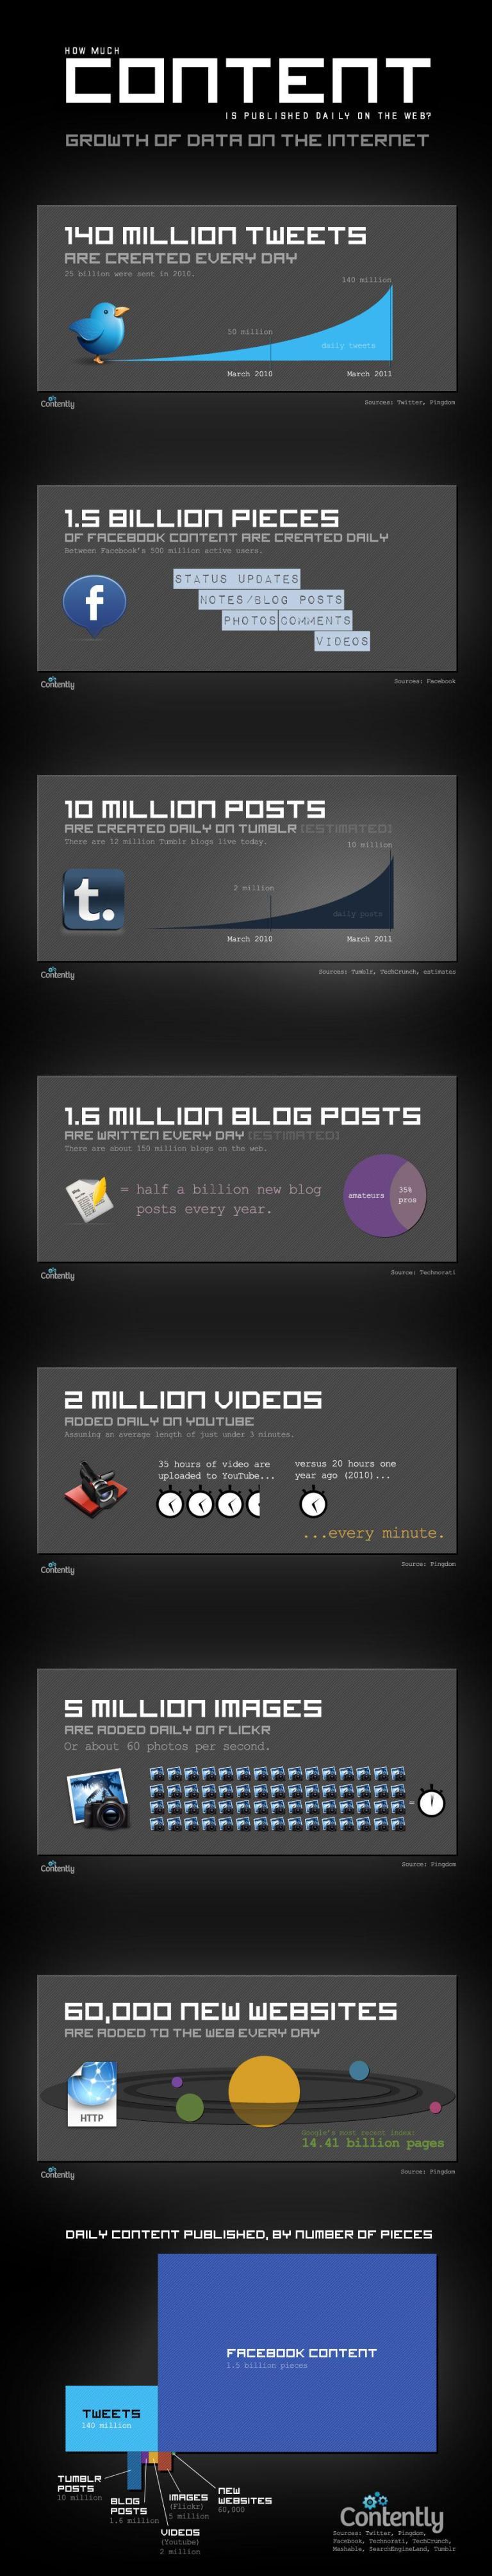 51 milliards de twits publiés par an. Sur le web, personne ne vous entend publier…